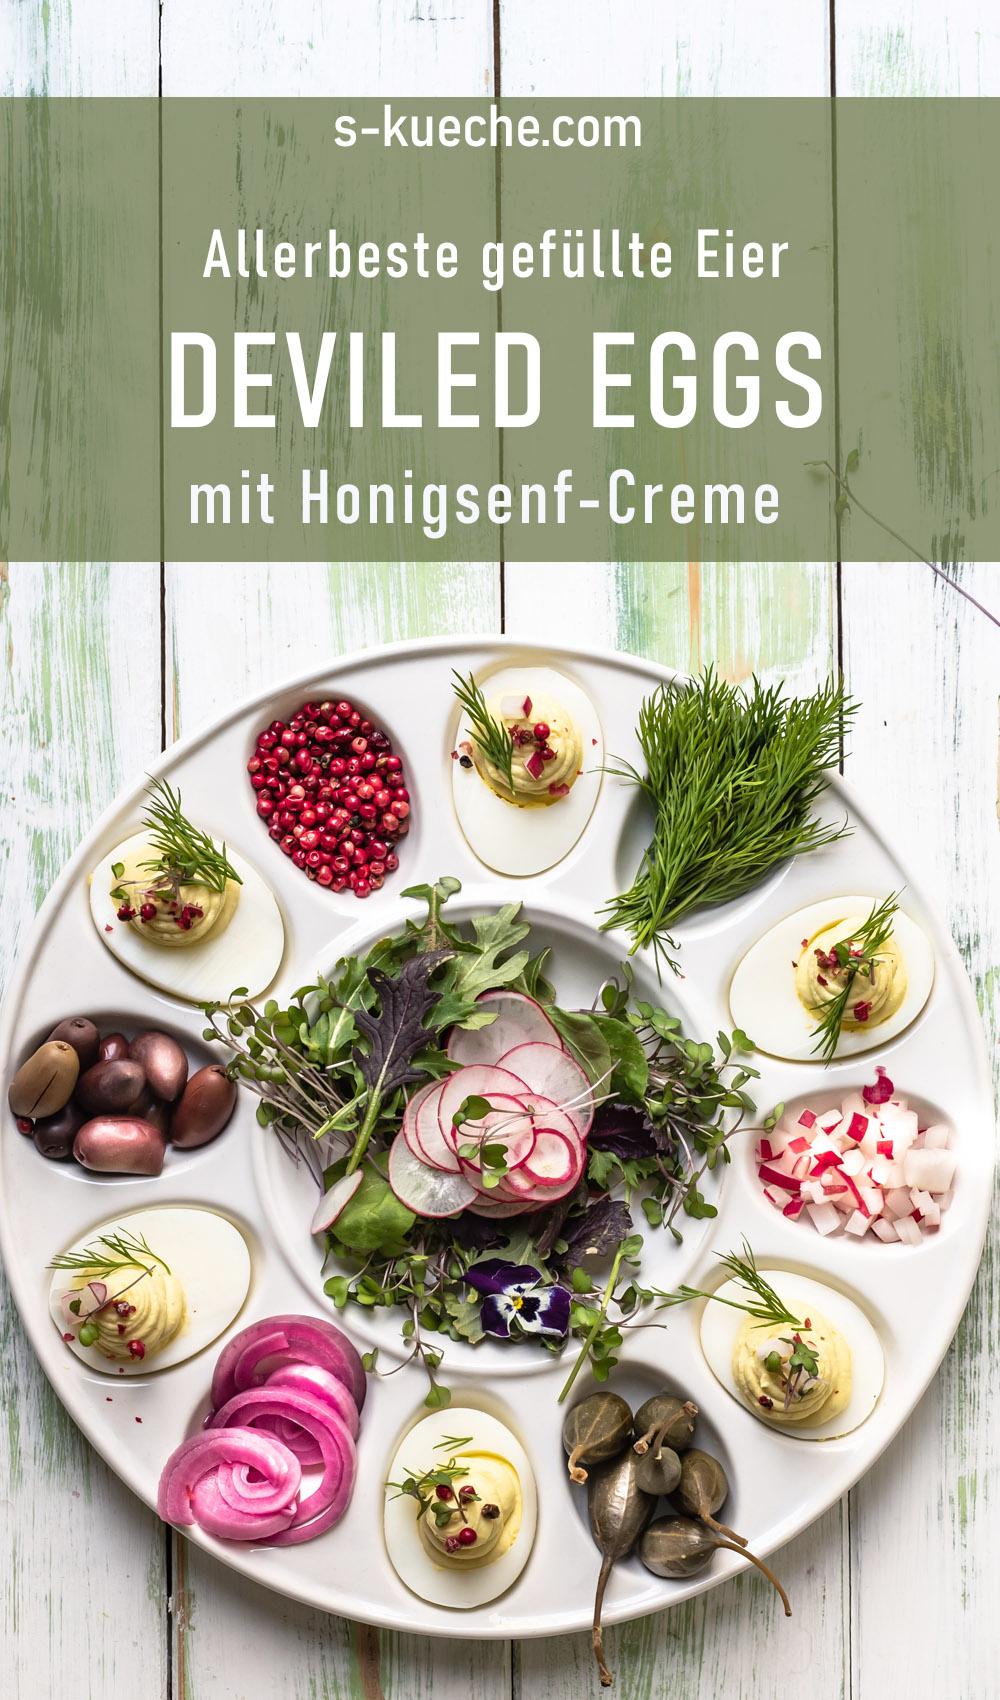 Allerbeste Deviled Eggs